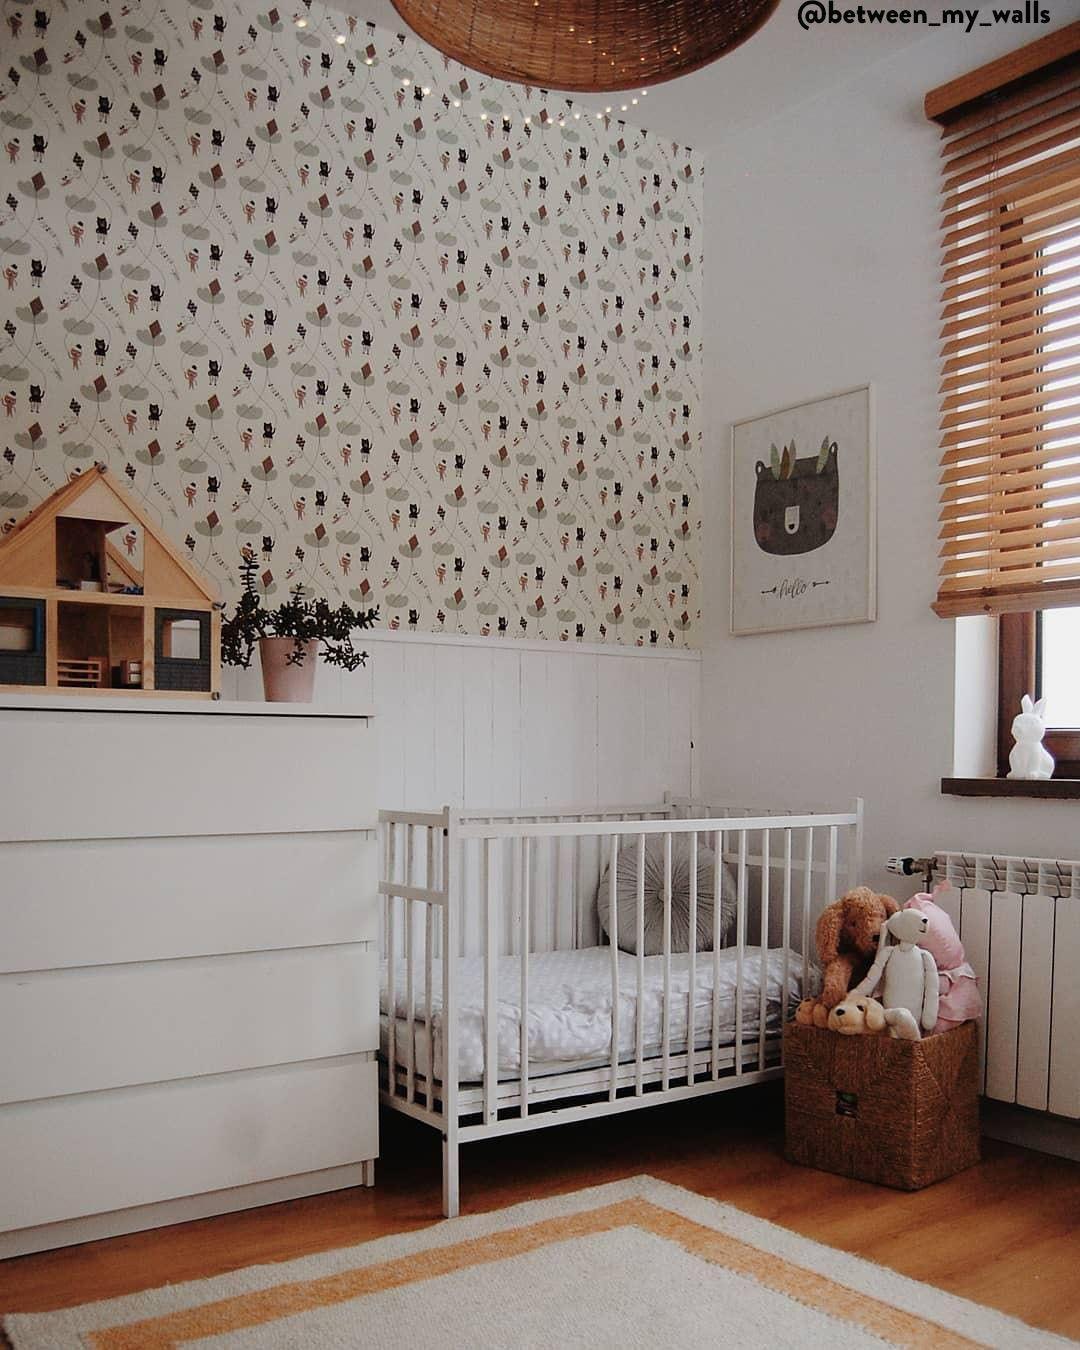 KinderzimmerDetails In diesem traumhaften Kinderzimmer